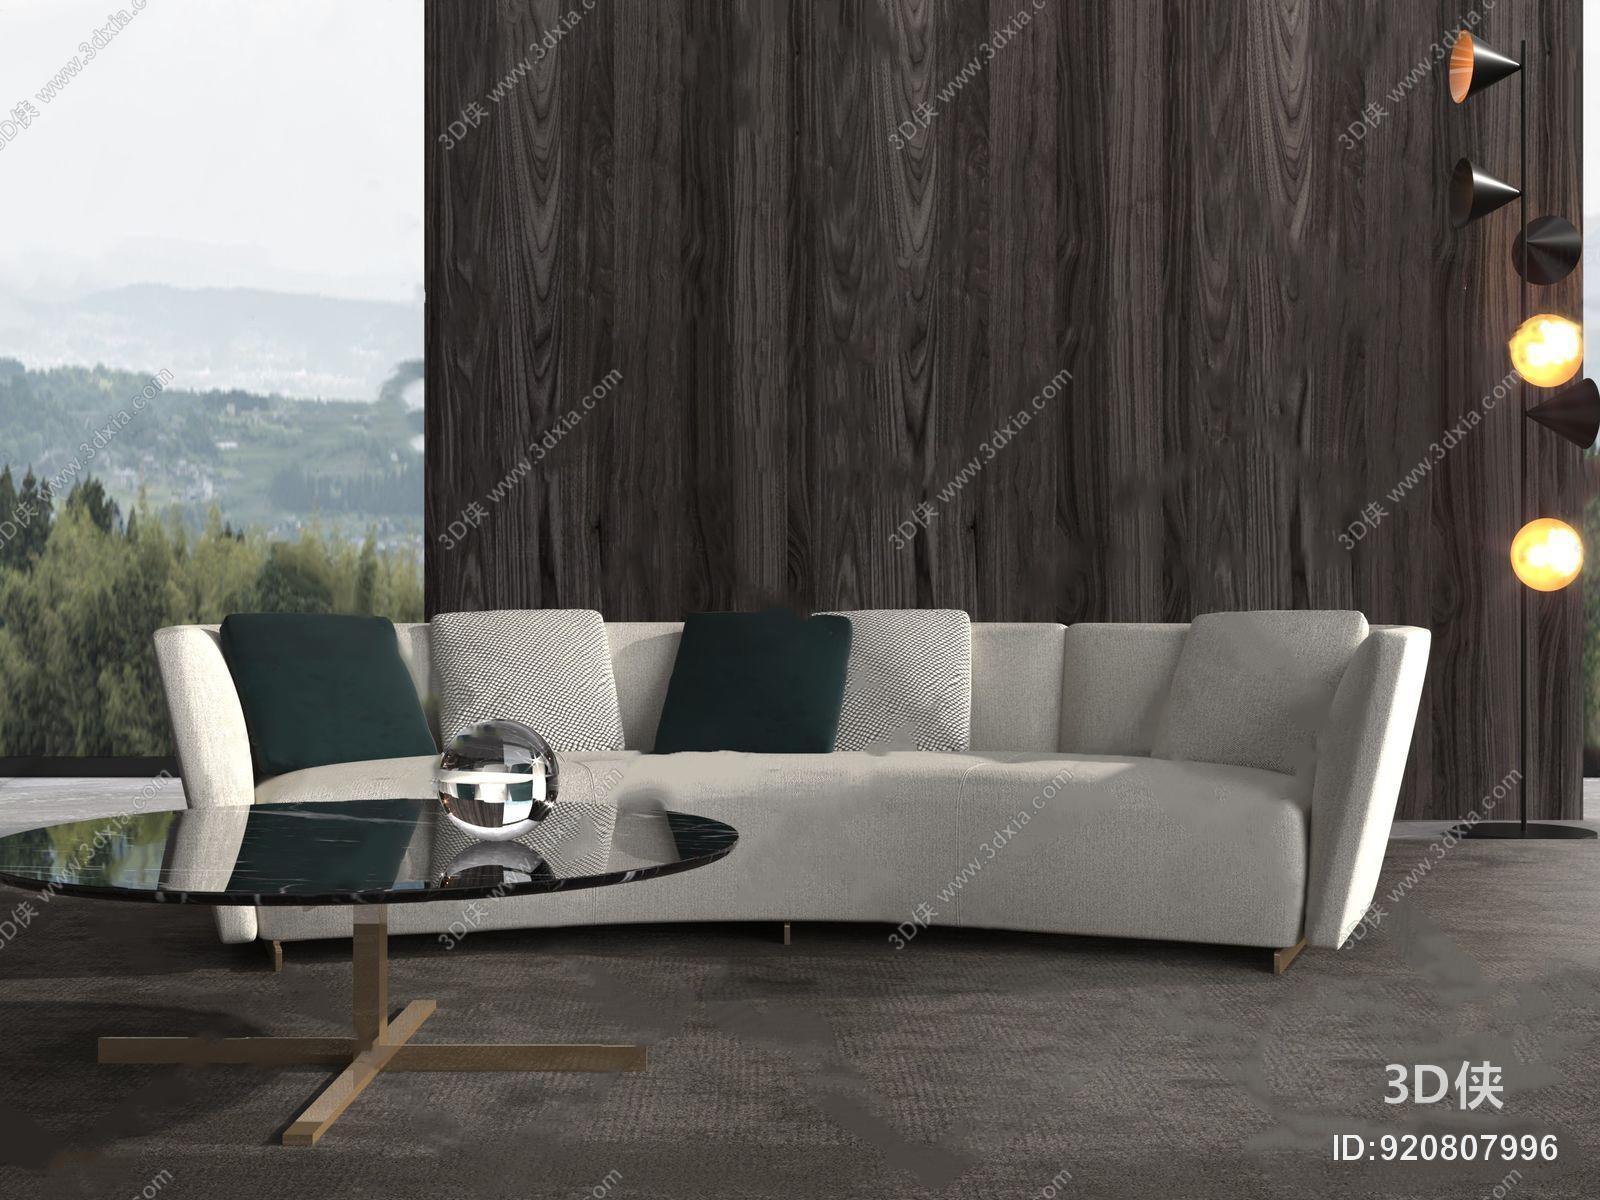 效果图素材免费下载,本作品主题是minotti现代弧形沙发 现代多人沙发